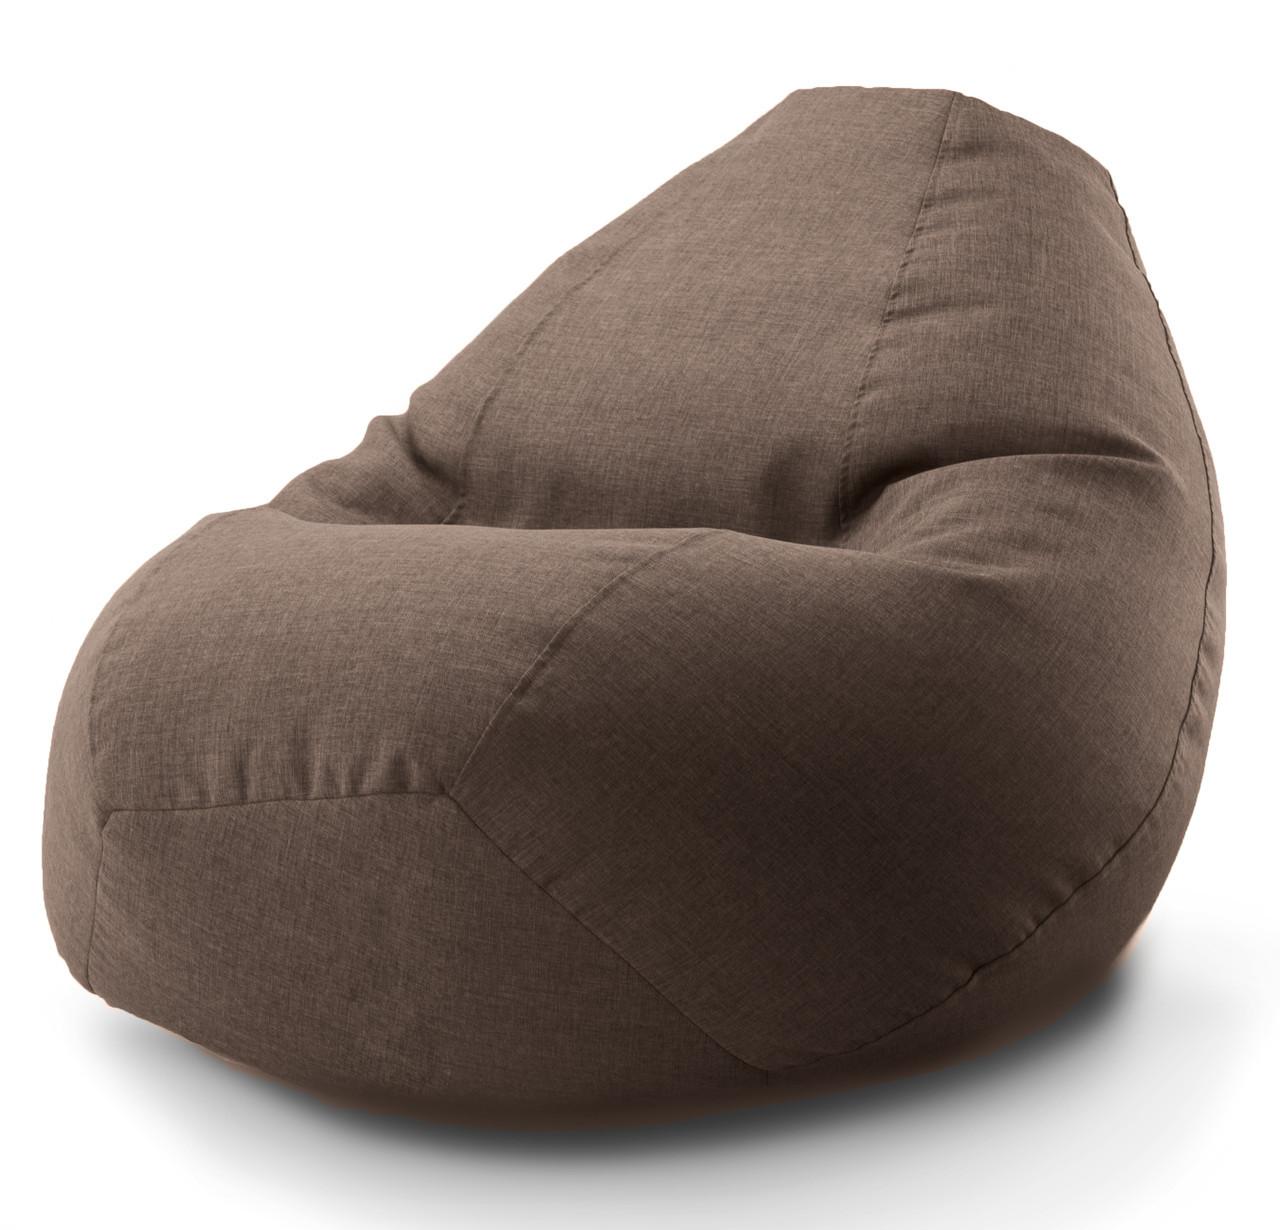 Овальное кресло - мешок  груша  Микро-рогожка 85*105 см С дополнительным чехлом